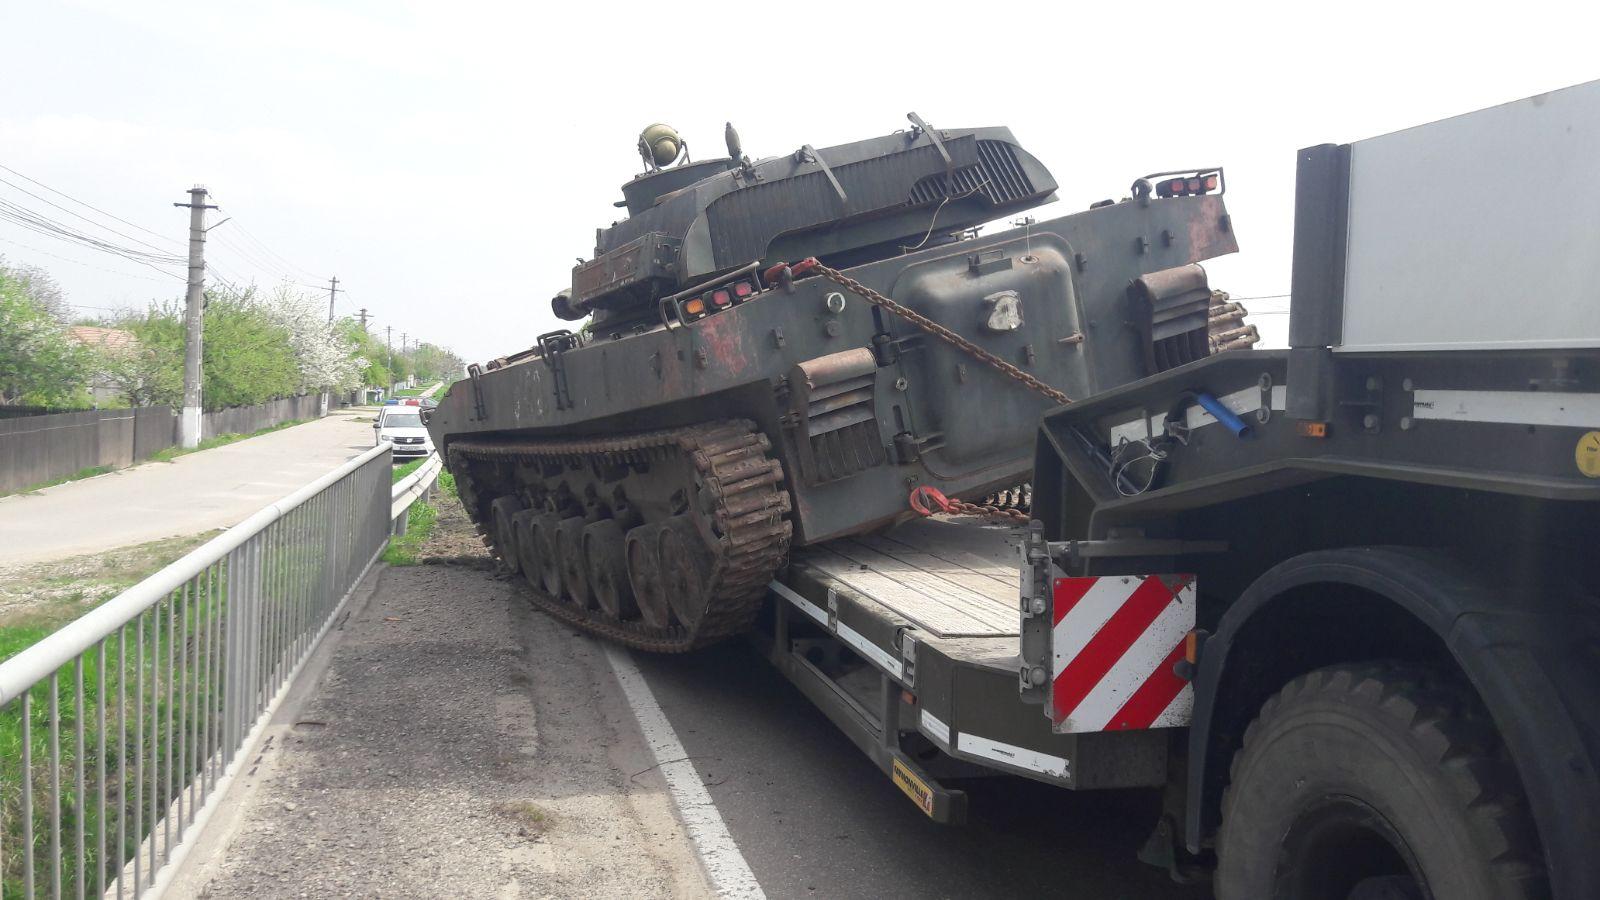 Un tanc a alunecat de pe platforma care îl transporta și a ajuns pe șosea. Reacția MApN. FOTO